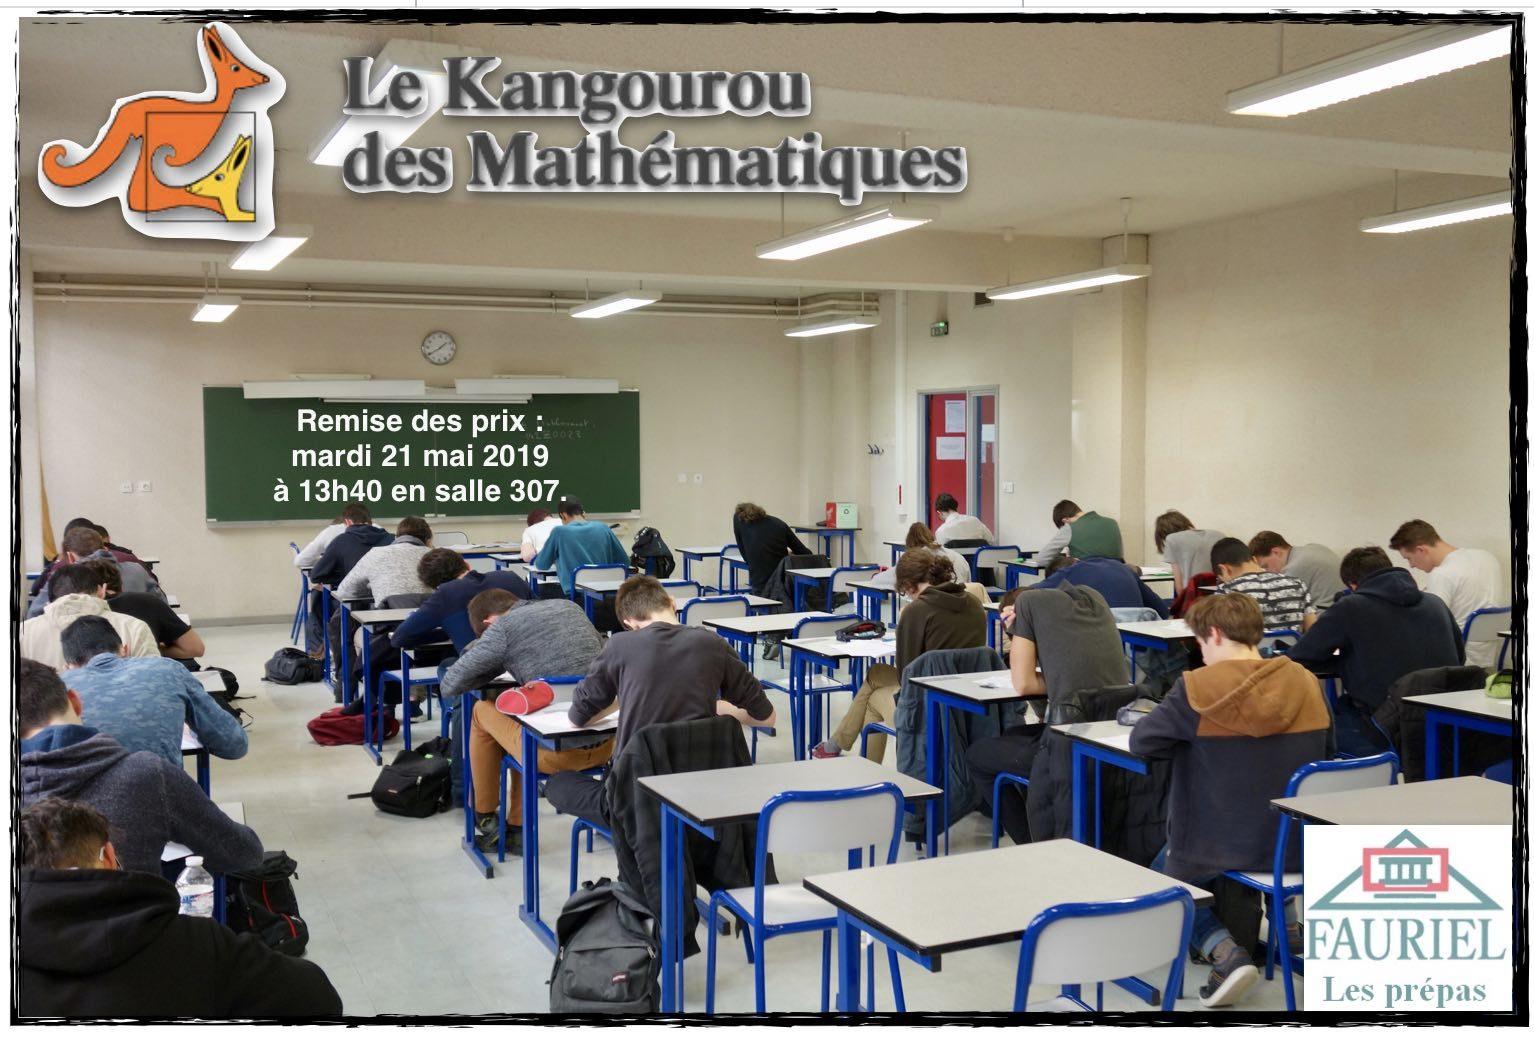 Kangourou2019_CPGE_Fauriel.jpg